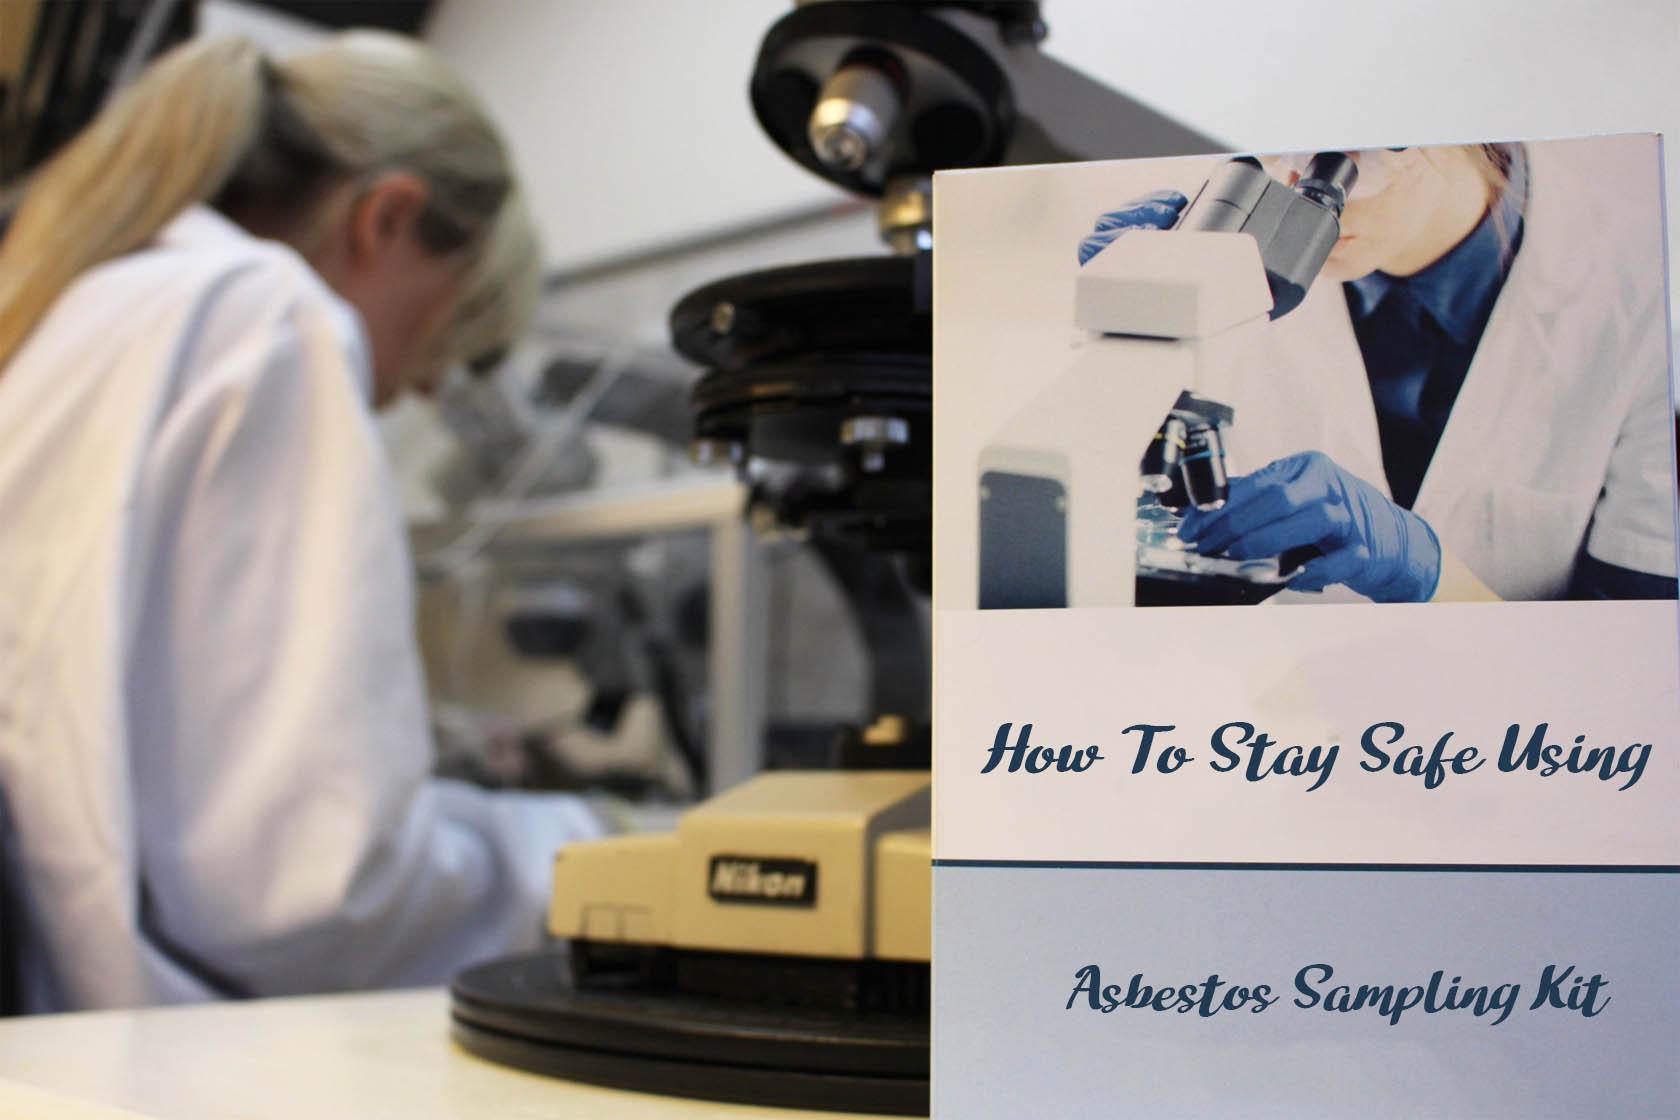 Asbestos Sampling Kit